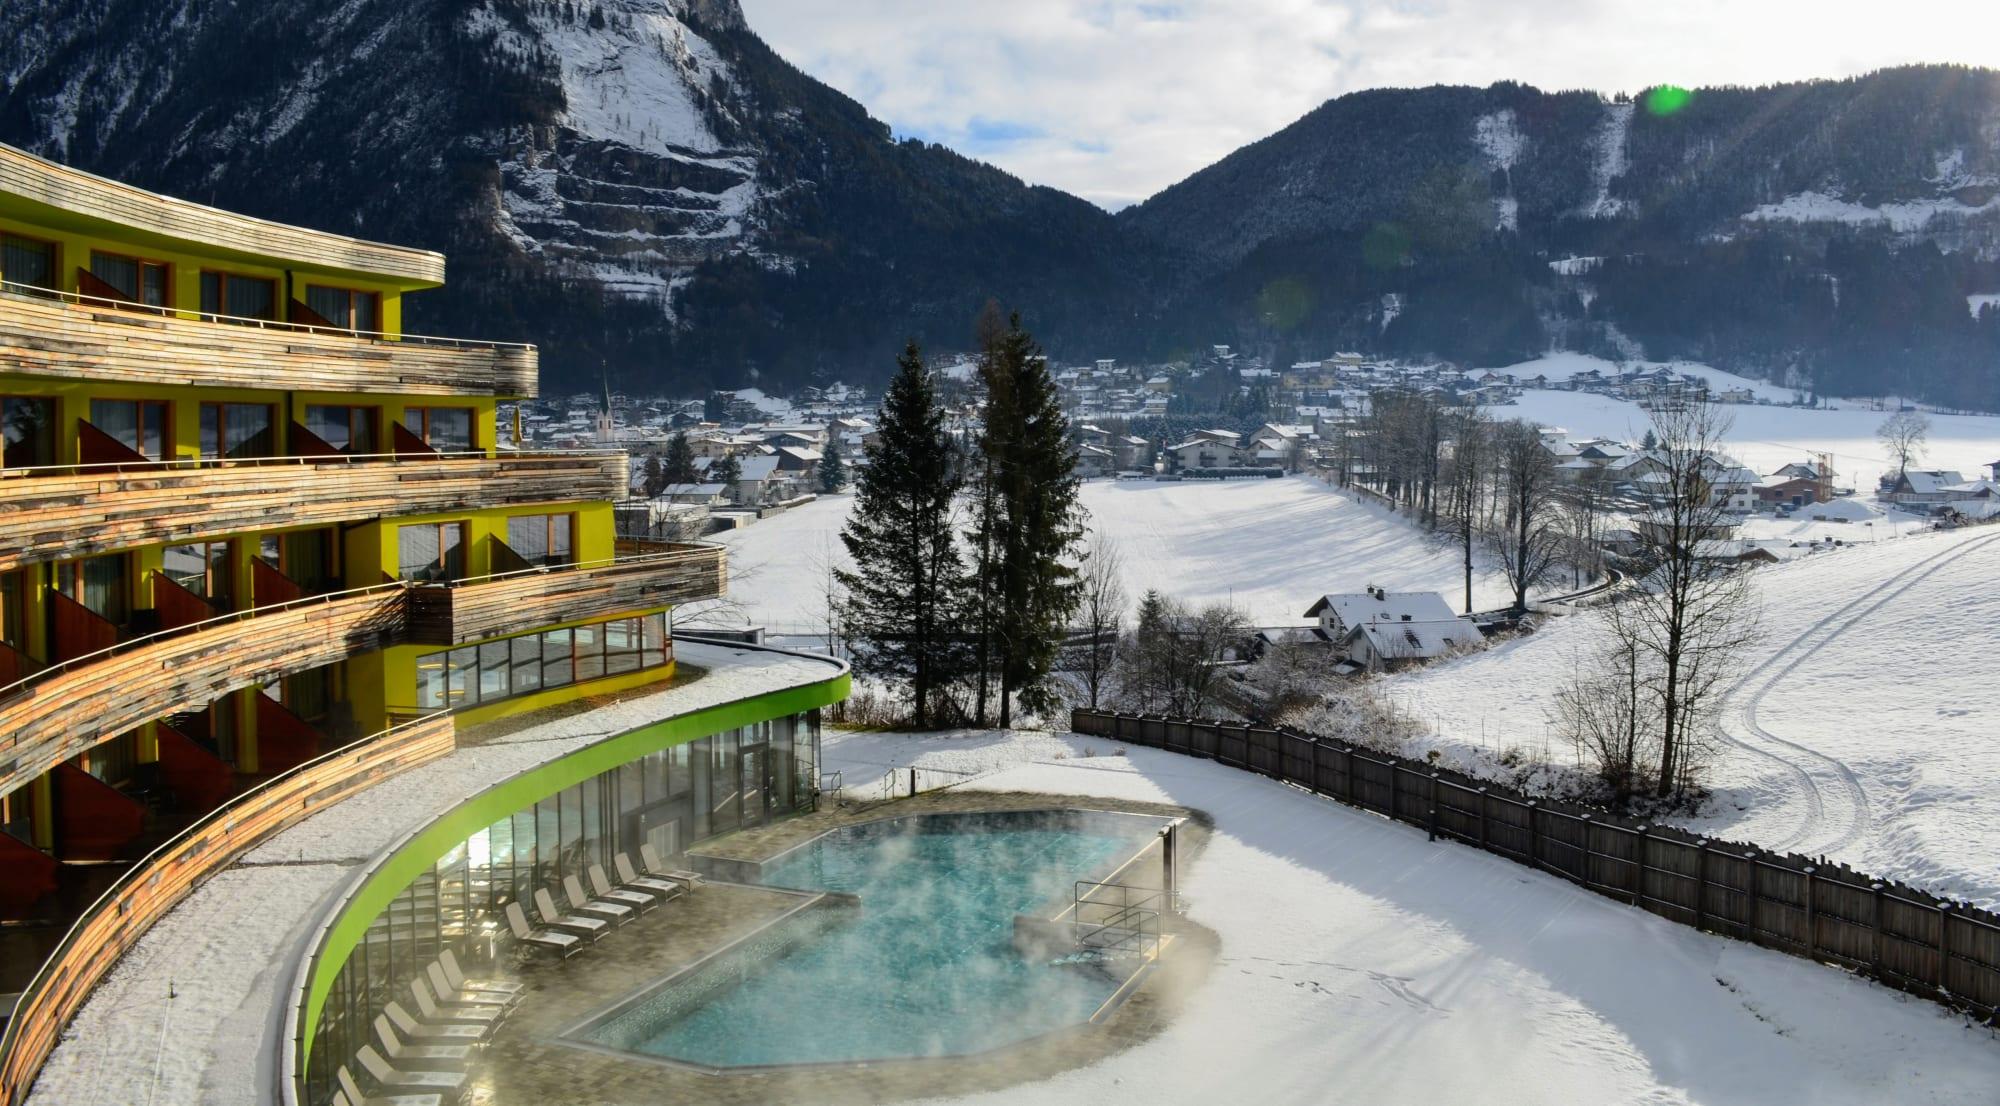 מלון דאס סיבן והבריכה החיצונית של המלון בשלג